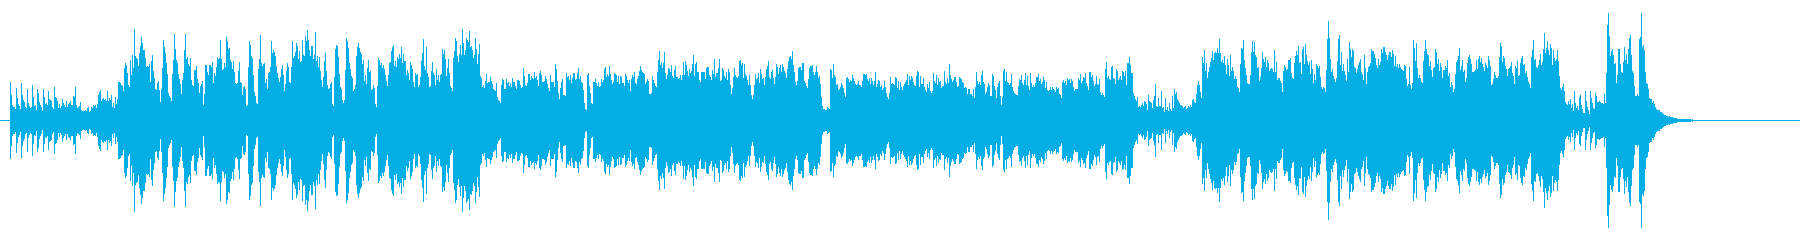 コミカルホラーなBGMの再生済みの波形